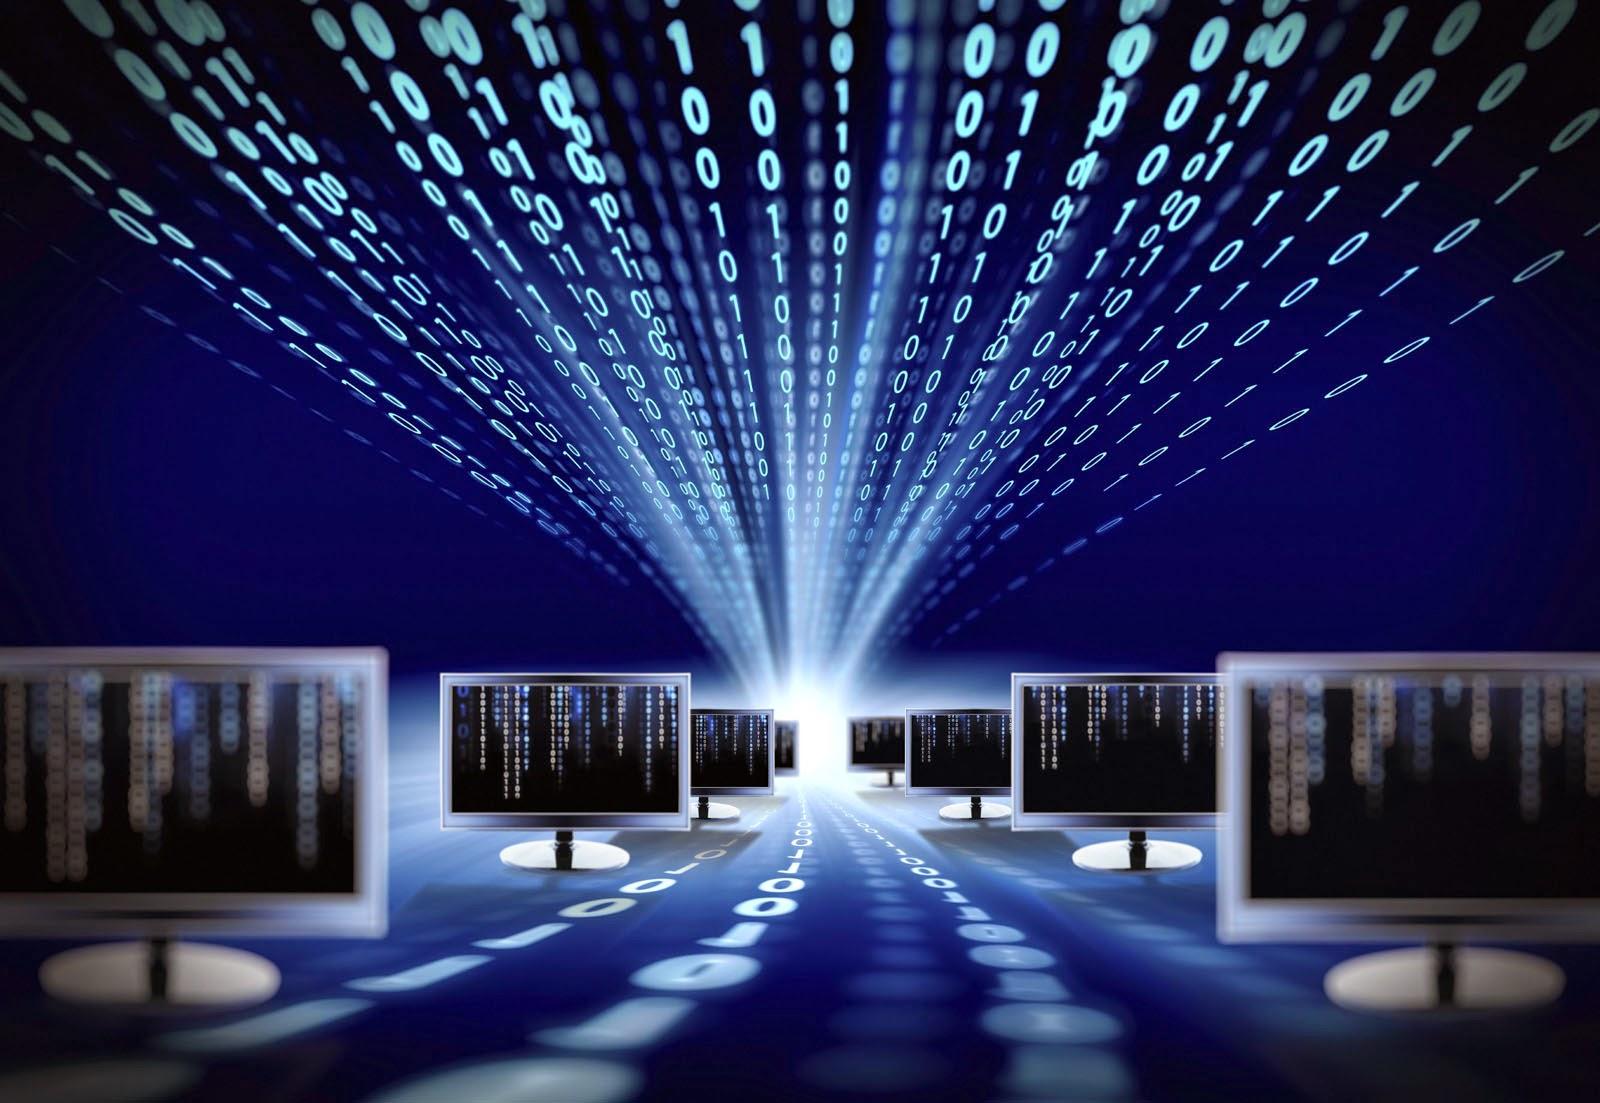 Εκπόνηση Διδακτορικής Διατριβής στα Πληροφοριακά Συστήματα 2014